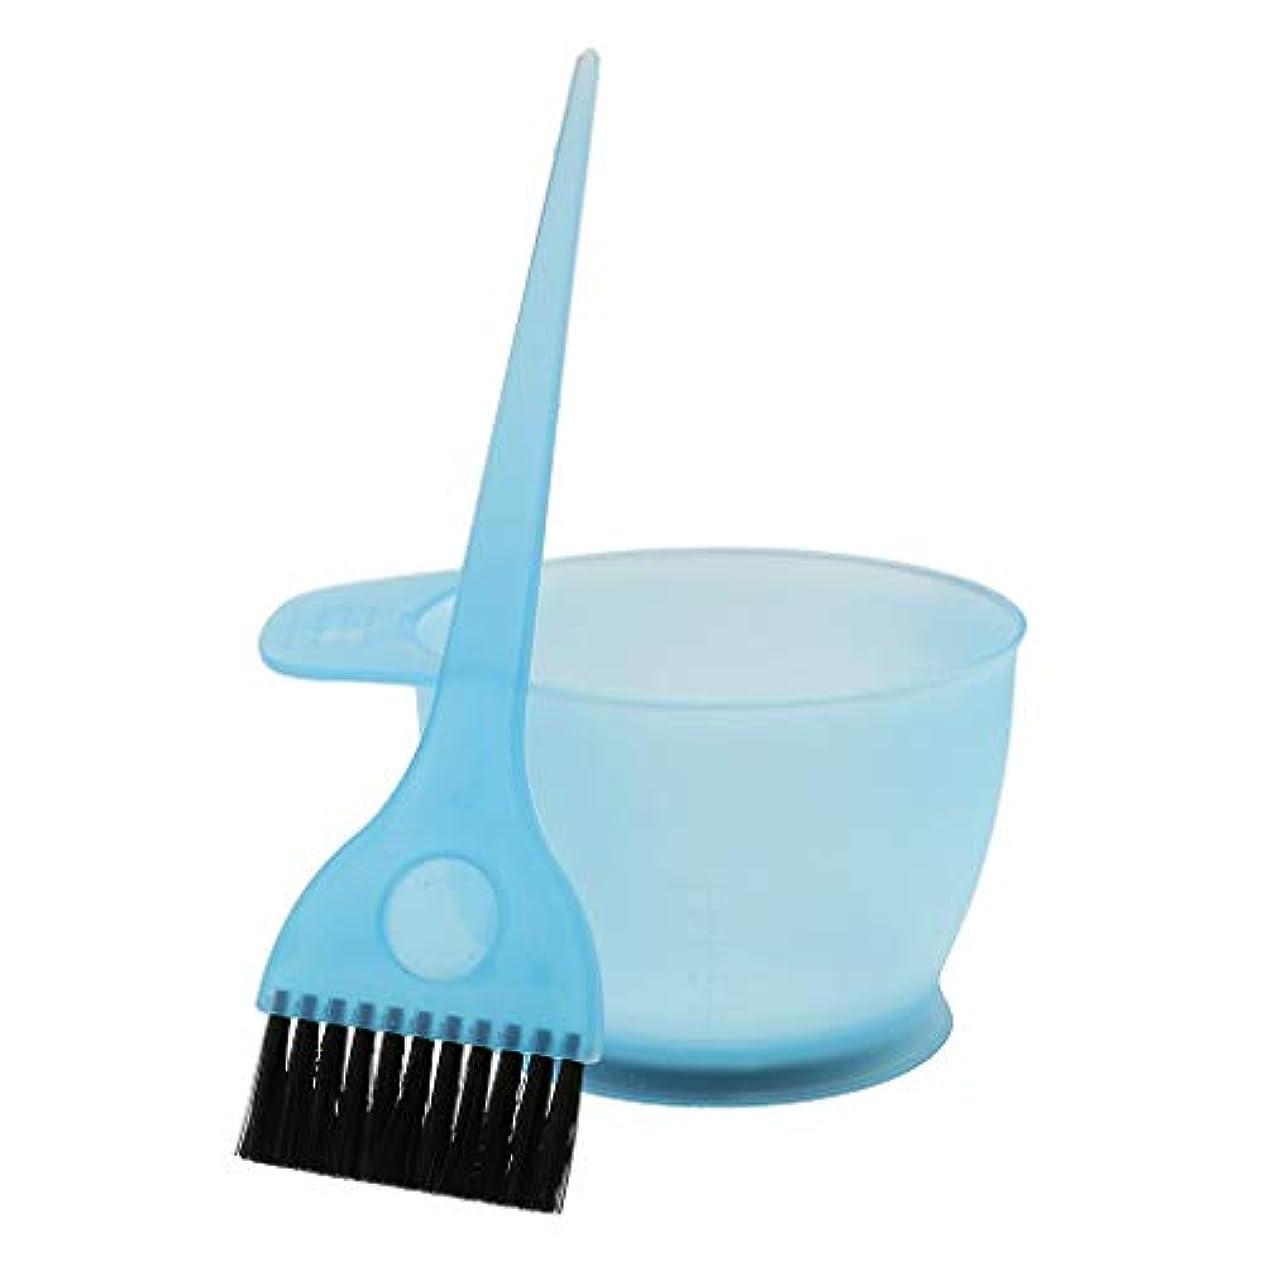 バッフルケープベーリング海峡髪の色合い染料着色ツールのためのサロン髪色染料ボウル櫛ブラシセットスーツ (ブルー)